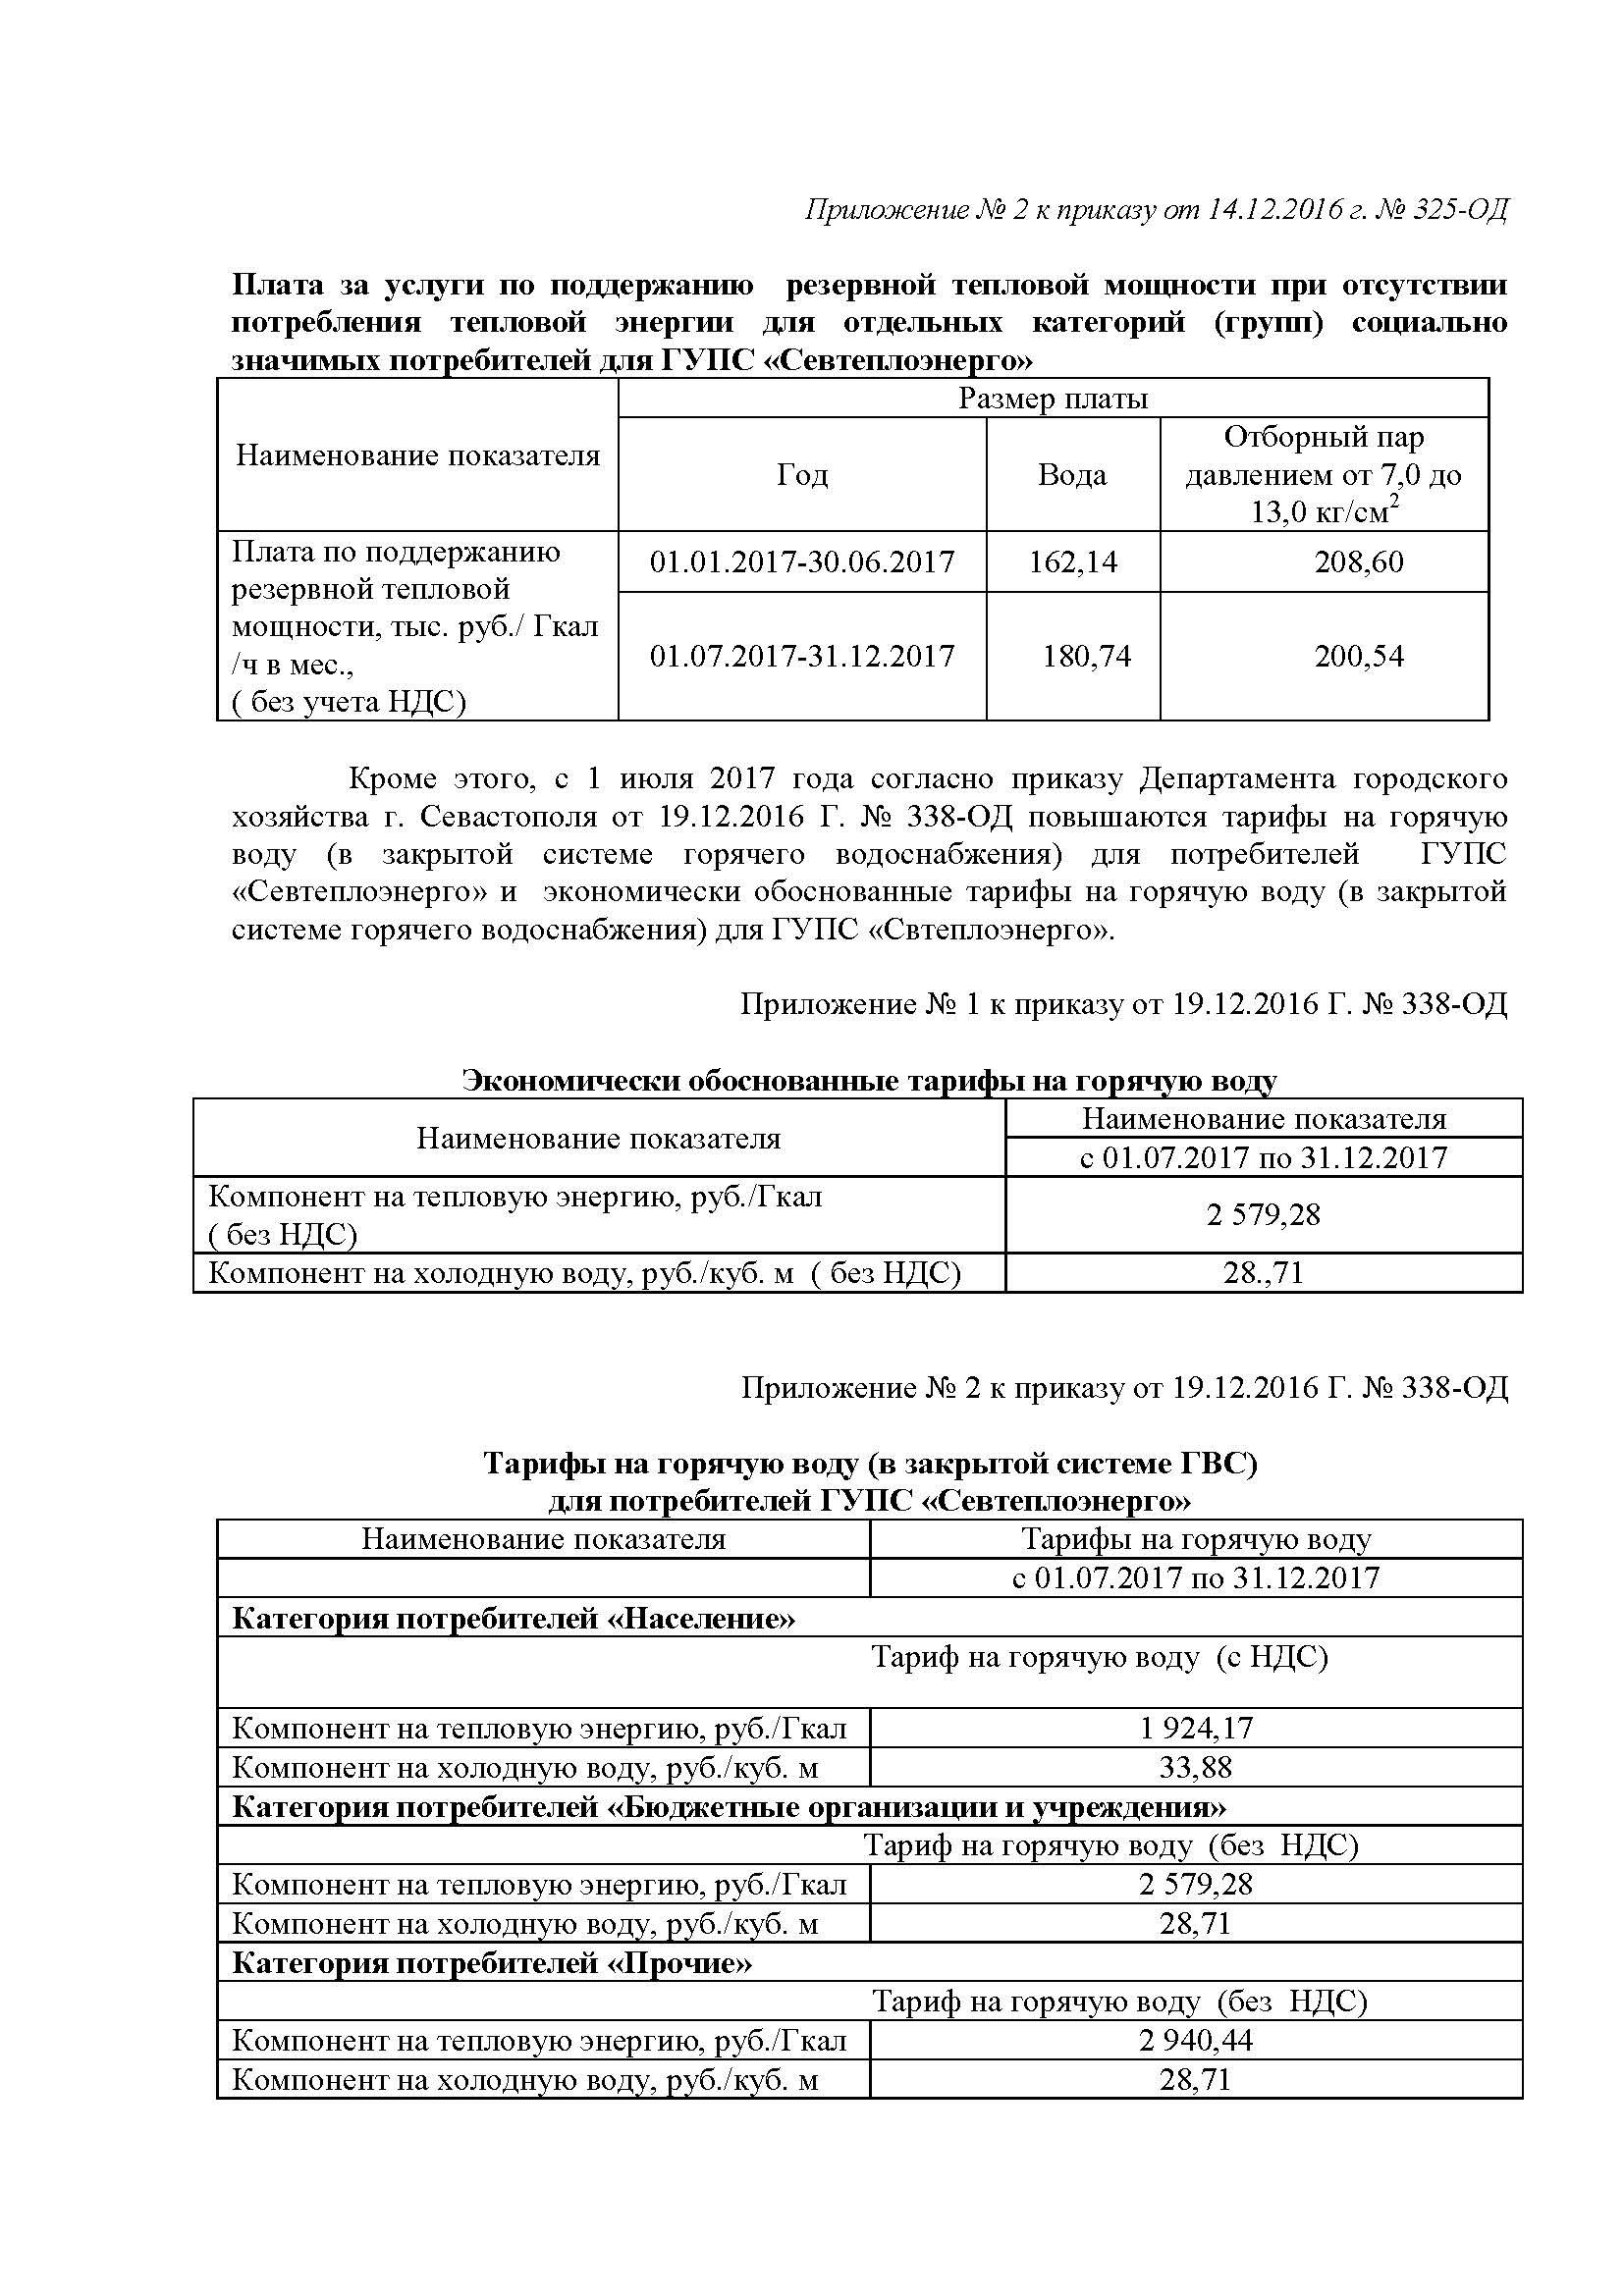 С 1 июля 2017 года повышаются тарифы на тепловую энергию для всех категорий потребителей ГУПС «Севтеплоэнерго»